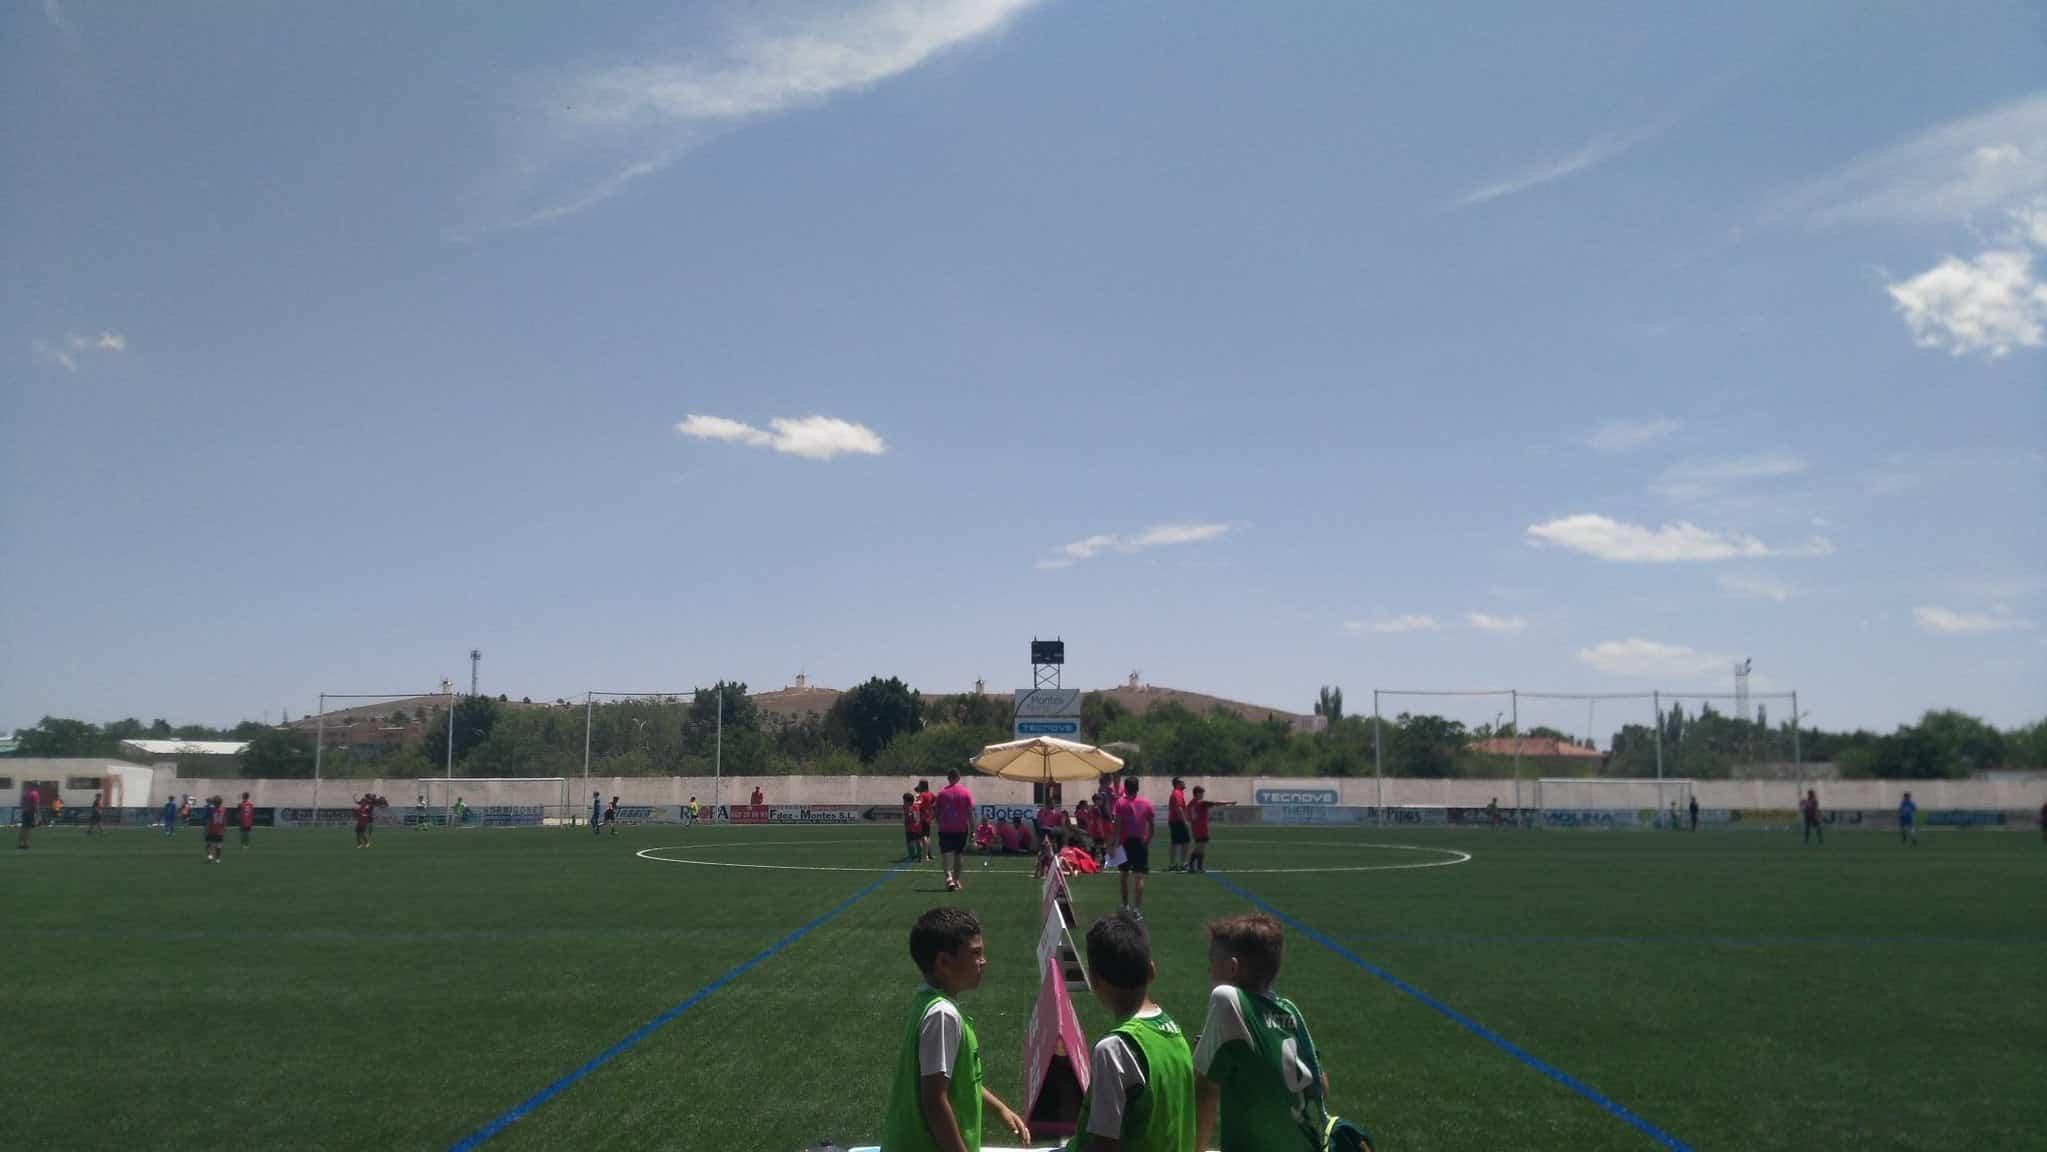 """VII Torneo futbol 8 soledad herencia 3 - Más de 300 chavales se dieron cita en el VIII Torneo de Fútbol-8 """"Virgen de la Soledad"""""""